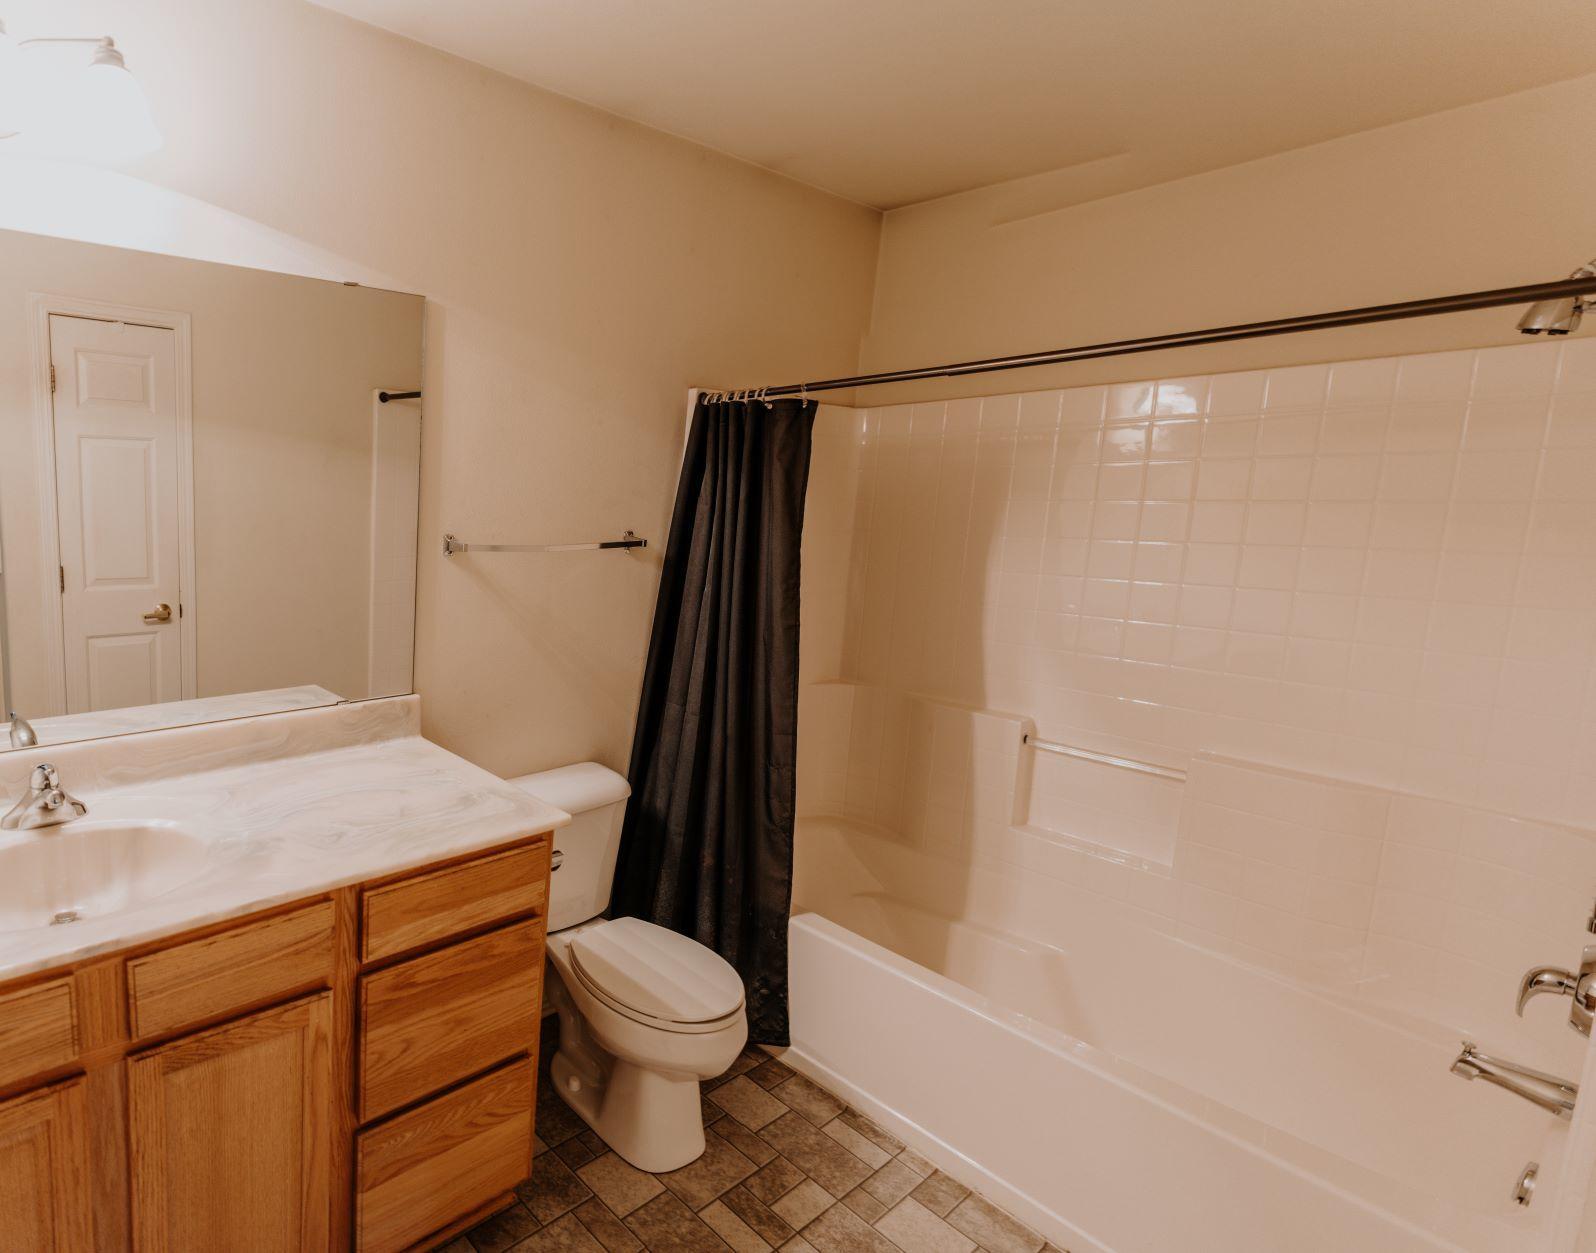 410 Veterans Way, Mukwonago, Wisconsin 53149, 2 Bedrooms Bedrooms, ,2 BathroomsBathrooms,Condominium,For Sale,Veterans Way,1723091